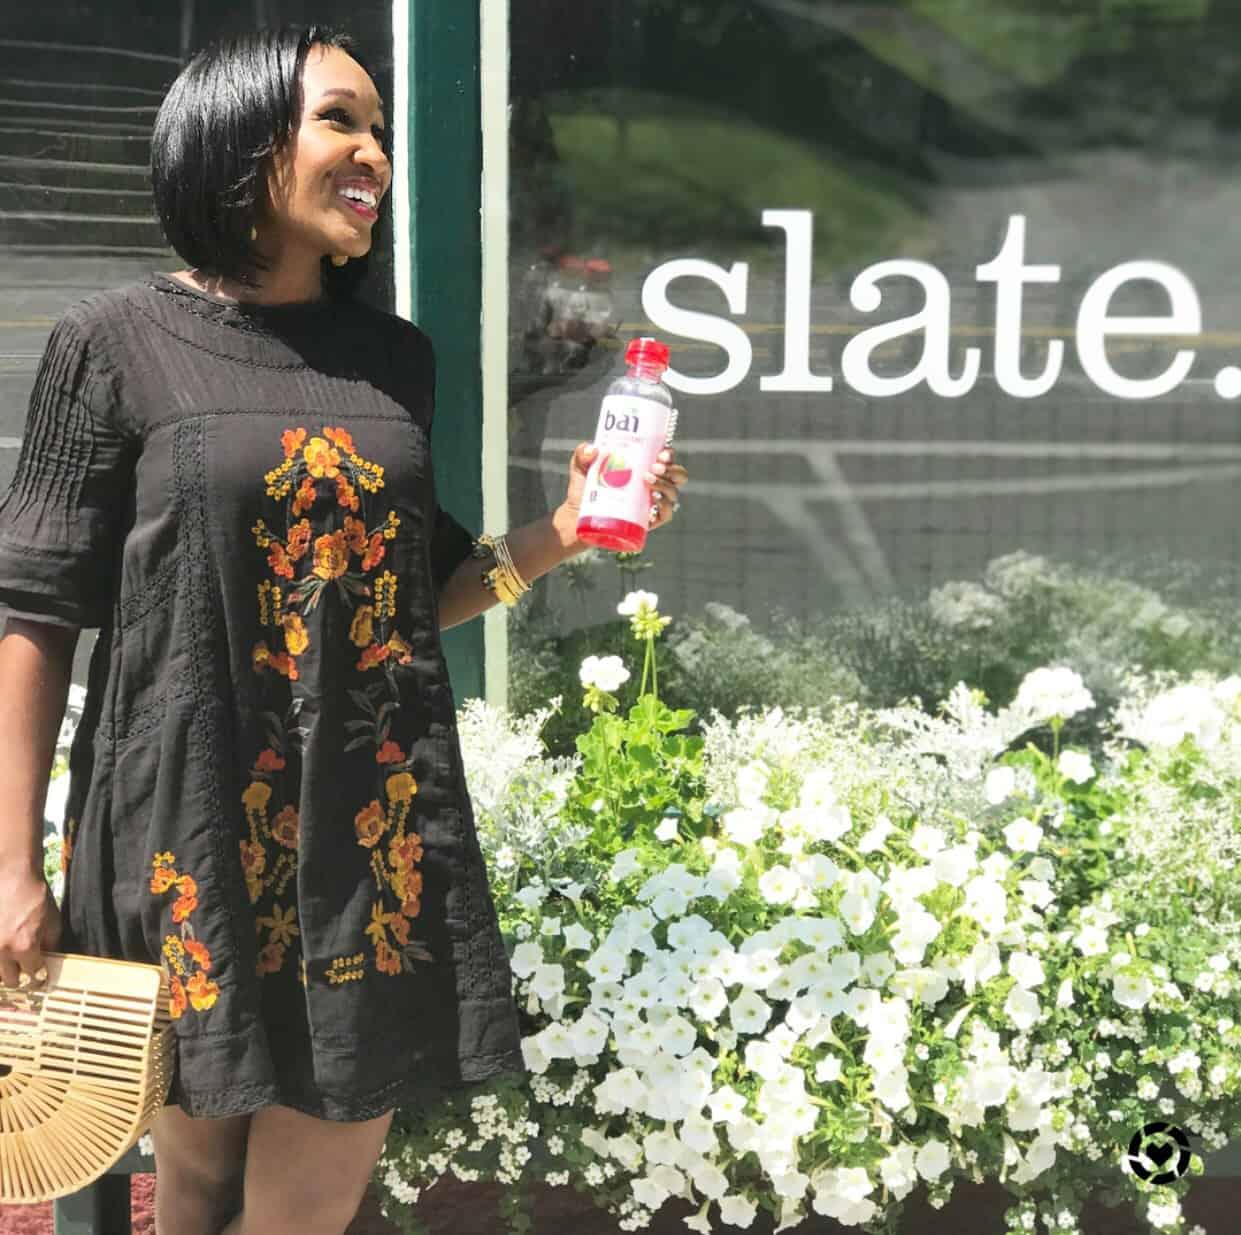 Slate Aurora, New York